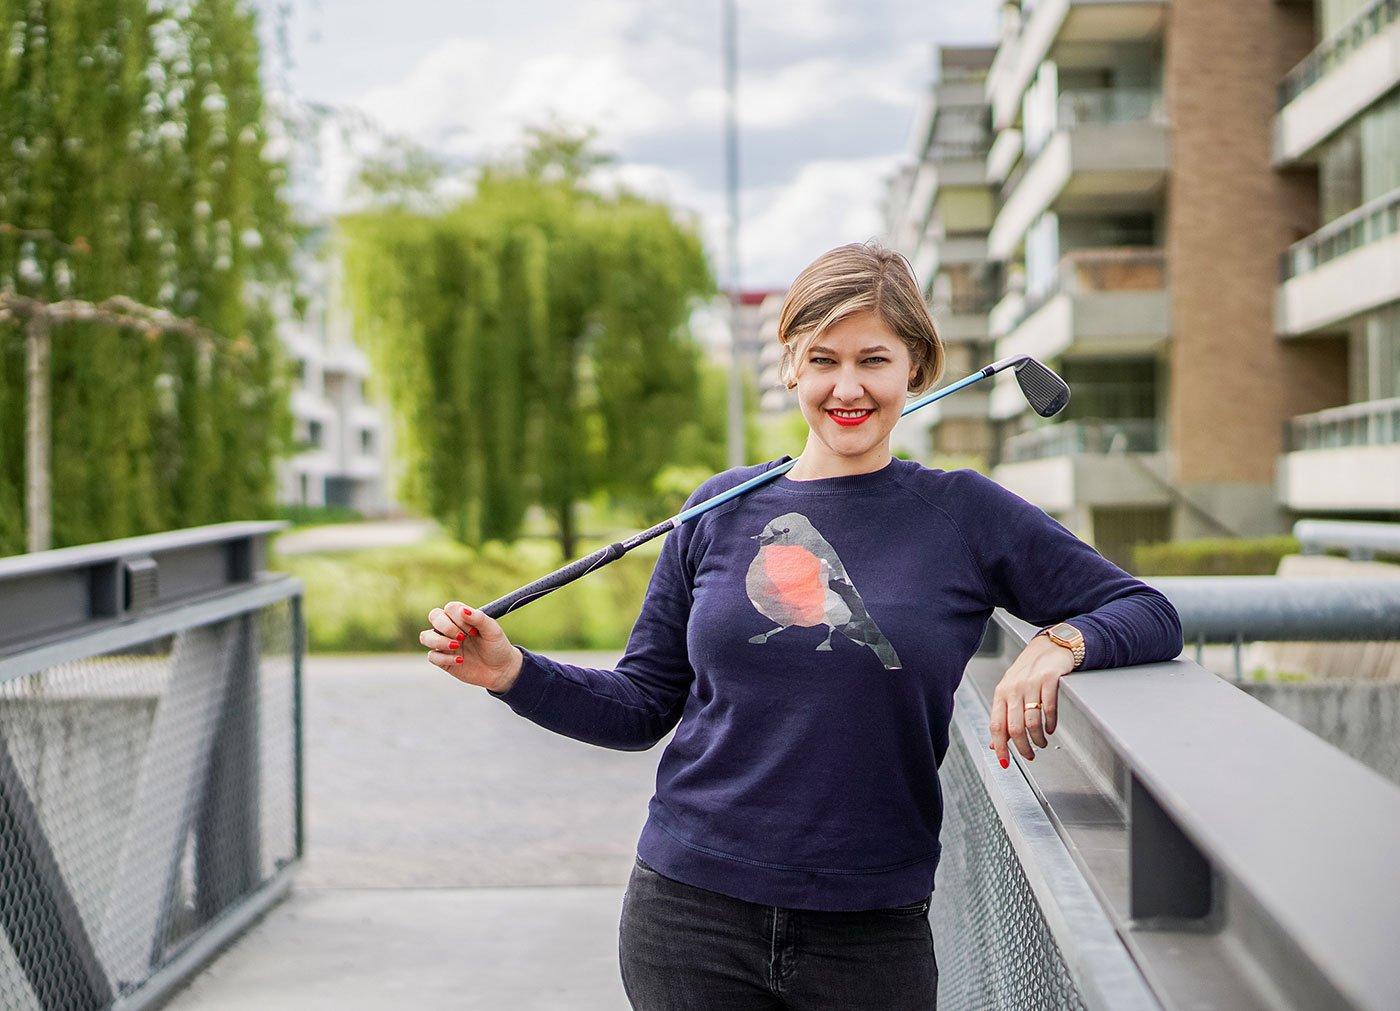 «Ready, Steady, Golf!»: Anic Lautenschlager lernt jetzt Golf spielen.